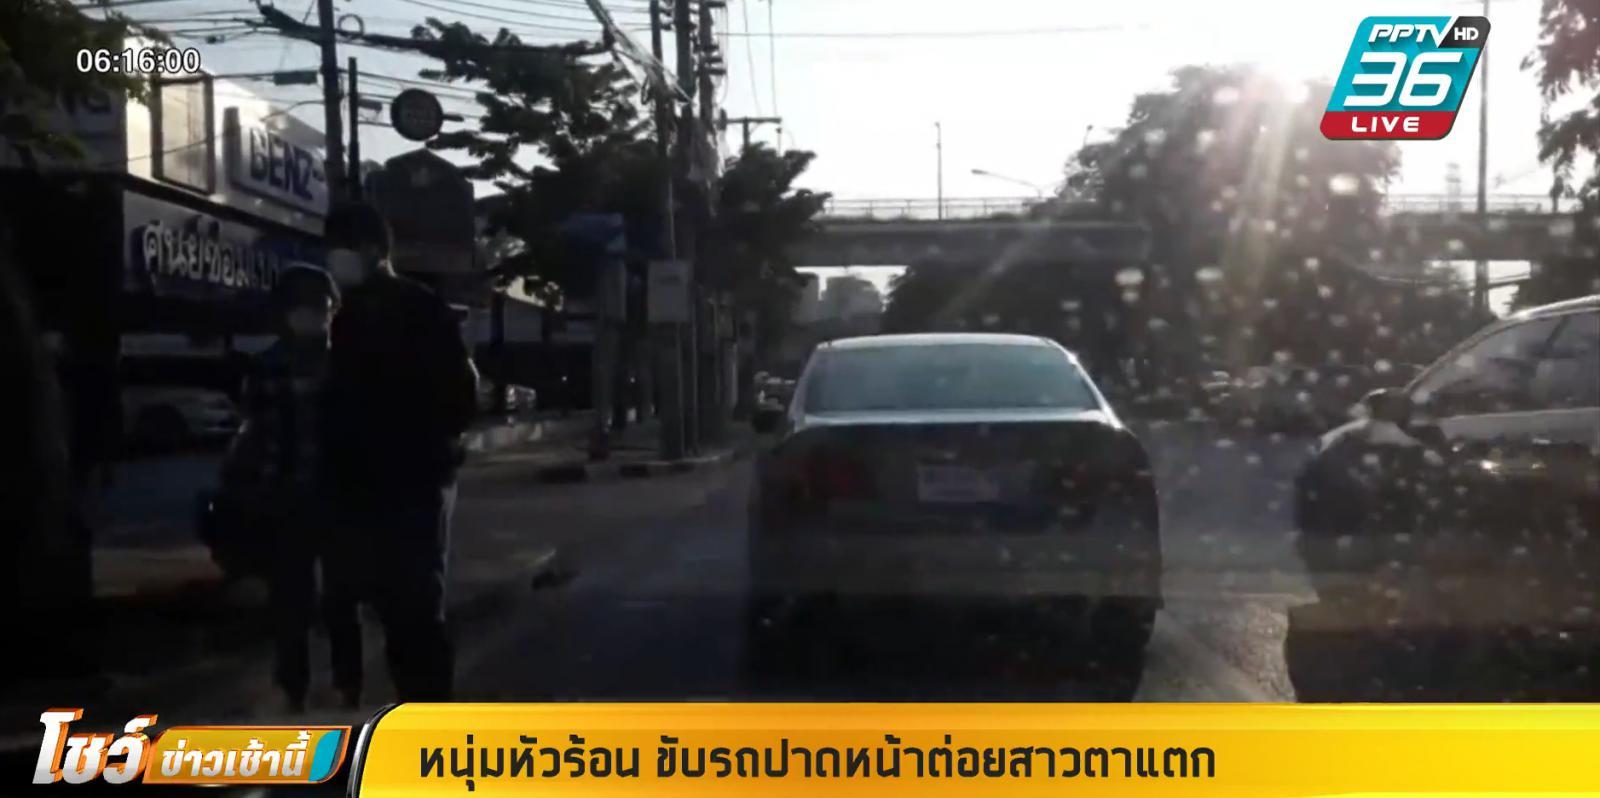 หนุ่มหัวร้อน ขับรถปาดหน้าต่อยสาวตาแตก